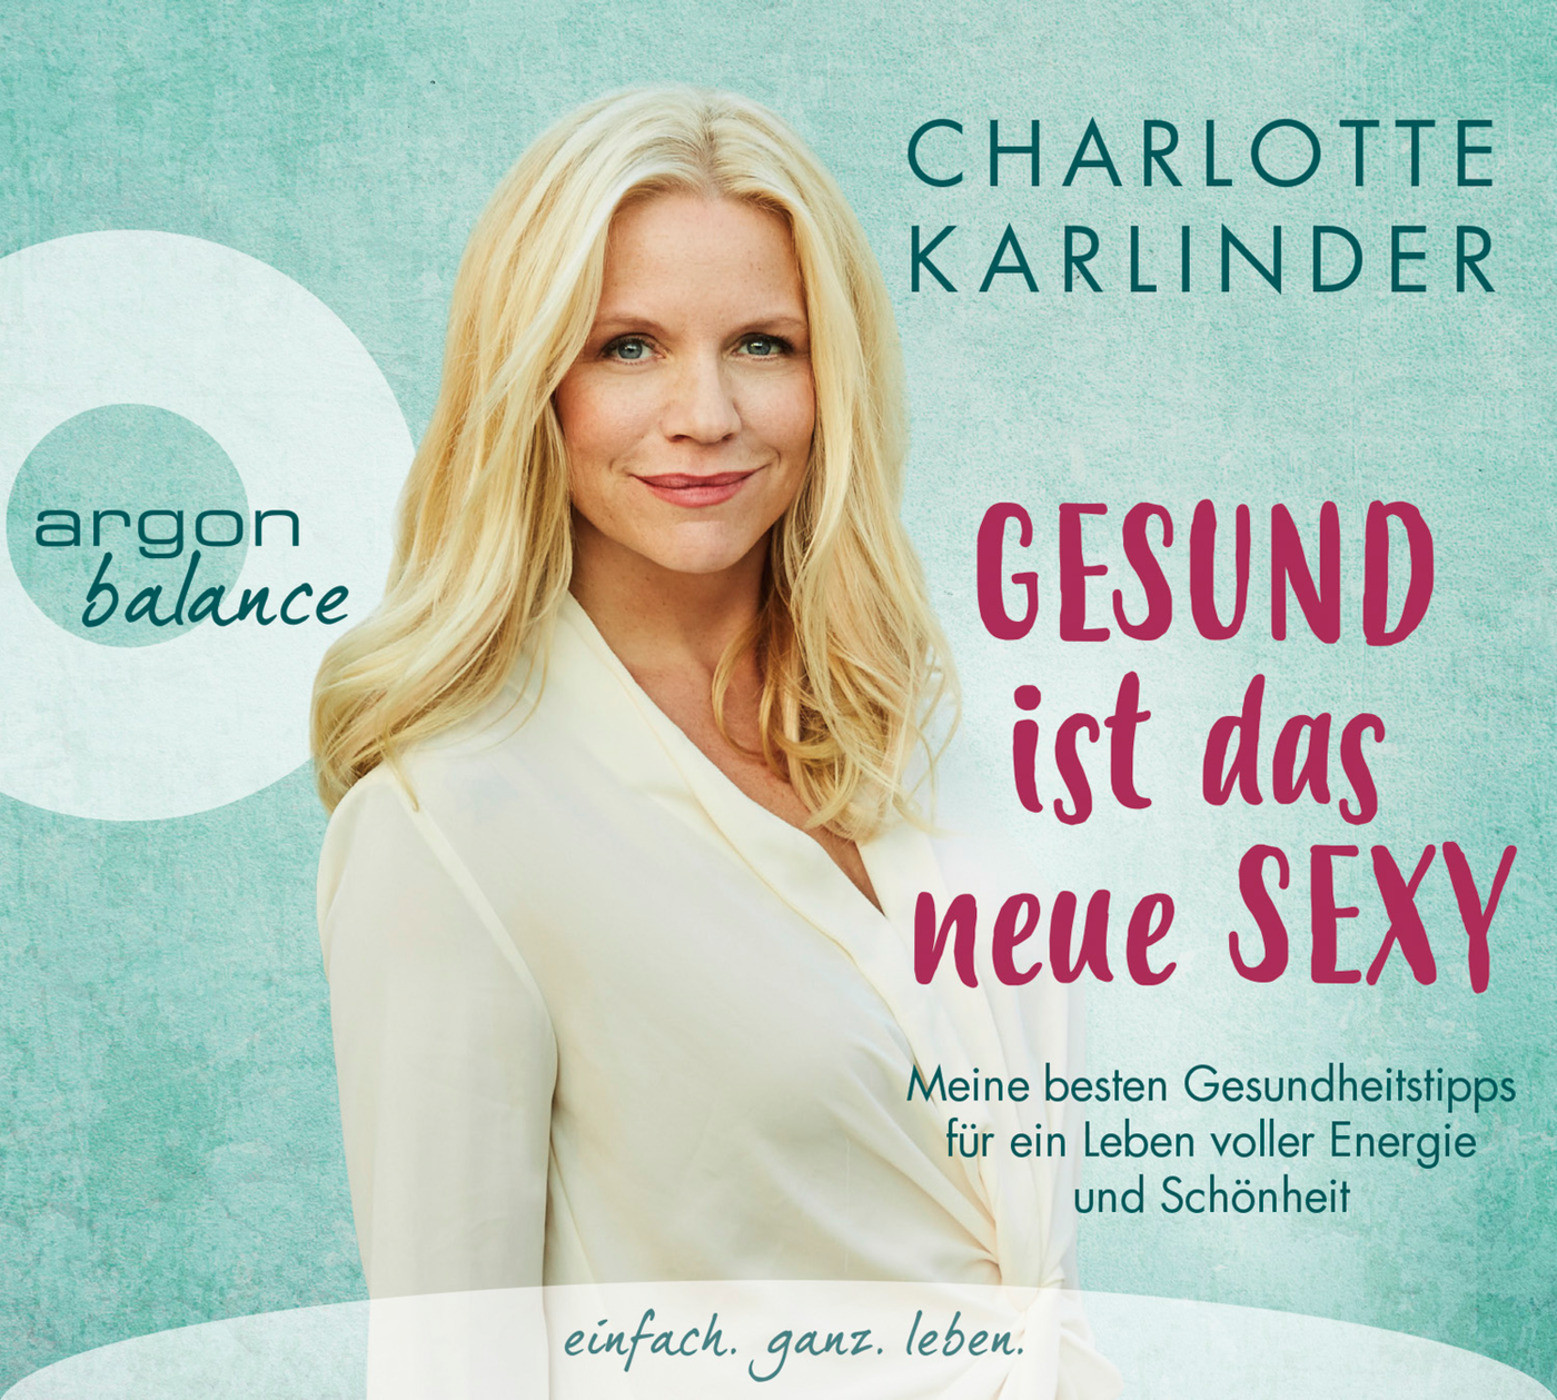 Charlotte Karlinder - Gesund ist das neue Sexy